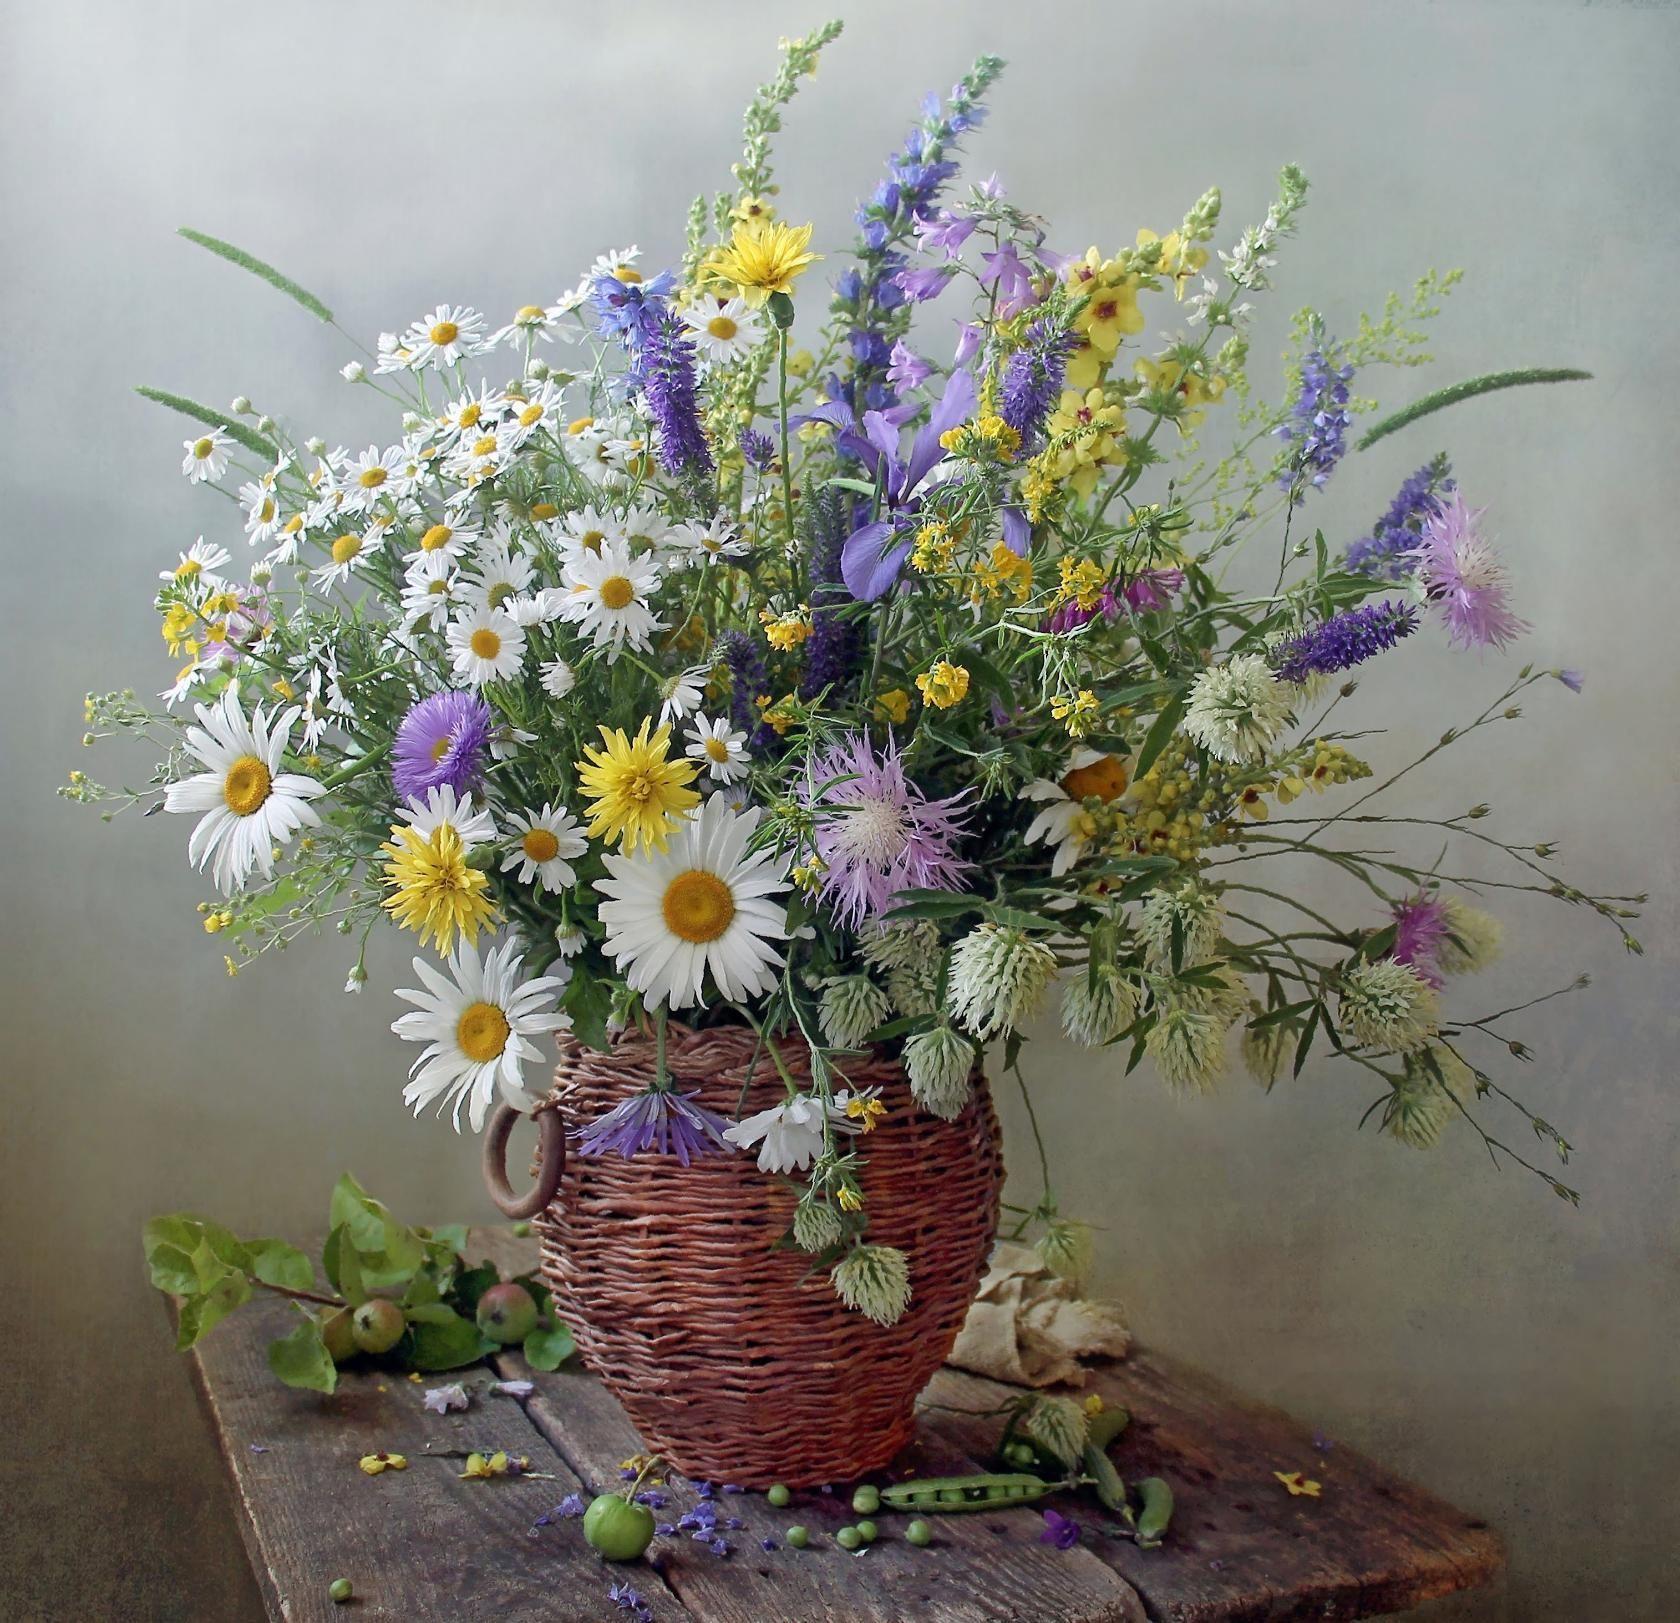 картинка летний букет цветов фото аукционах баснословные